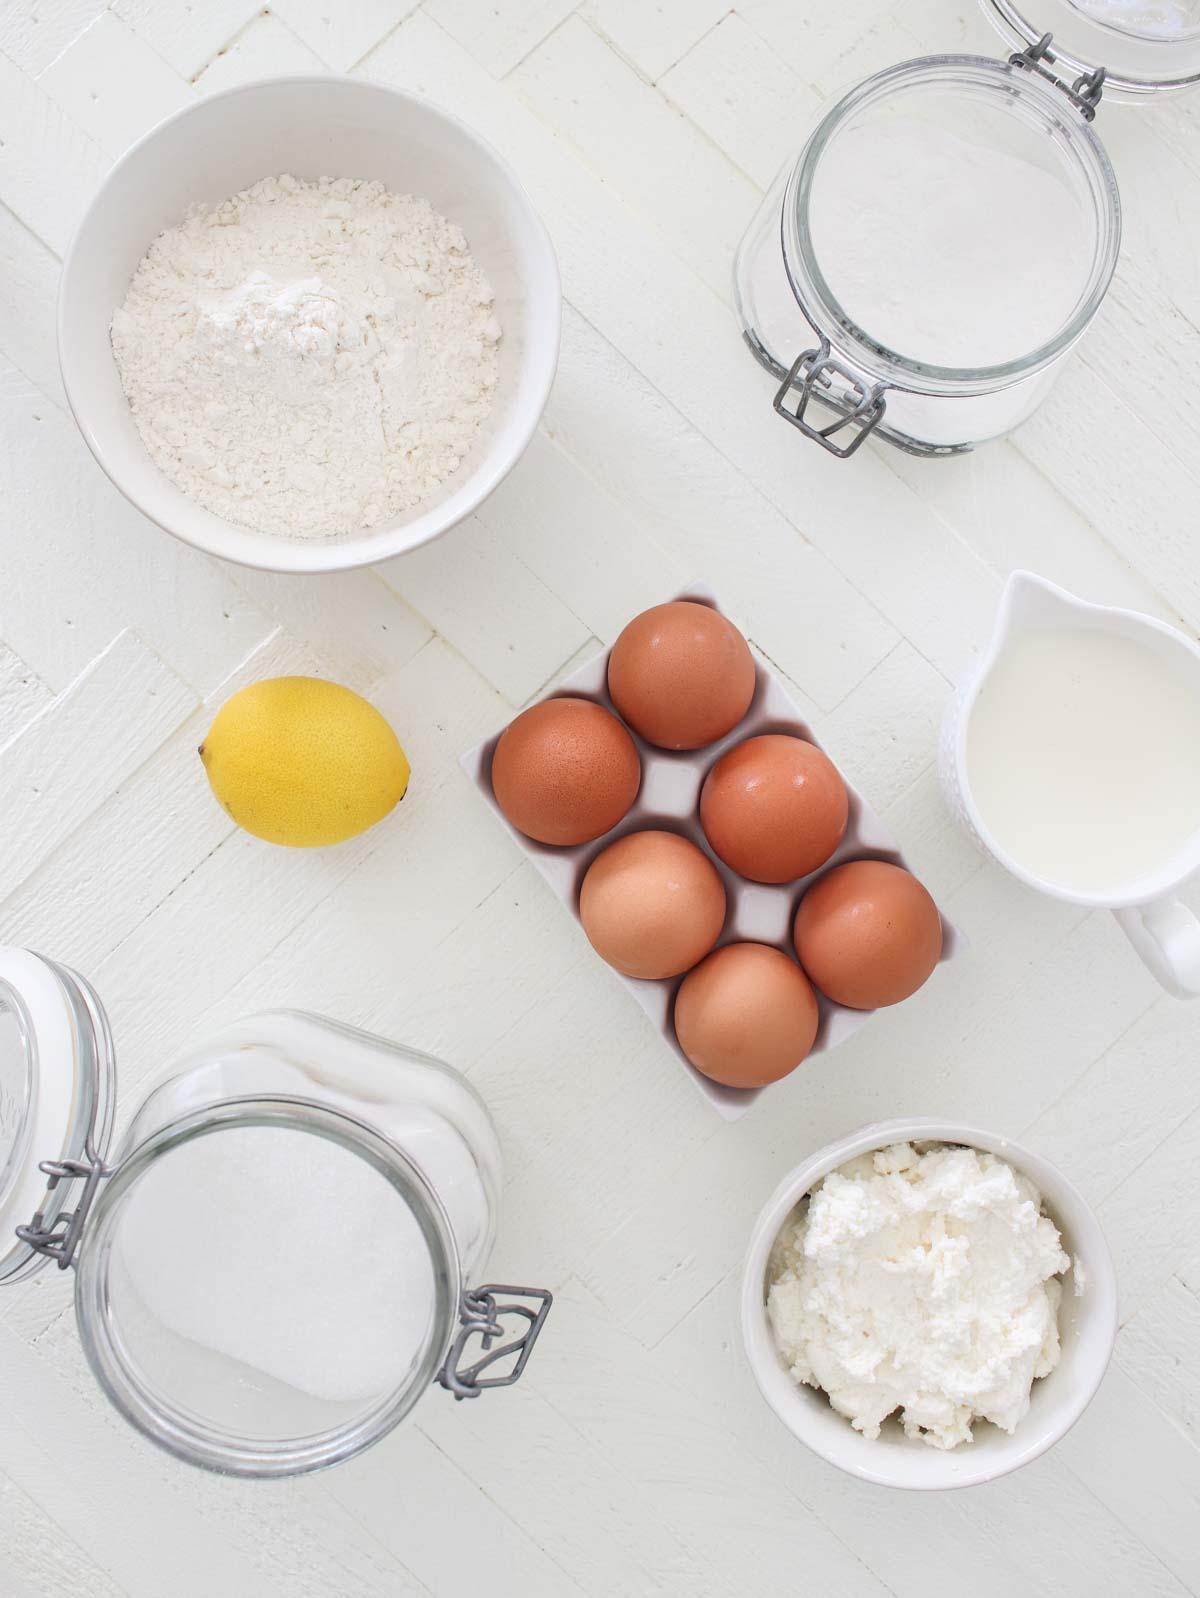 Lemon Ricotta Pancakes Ingredients